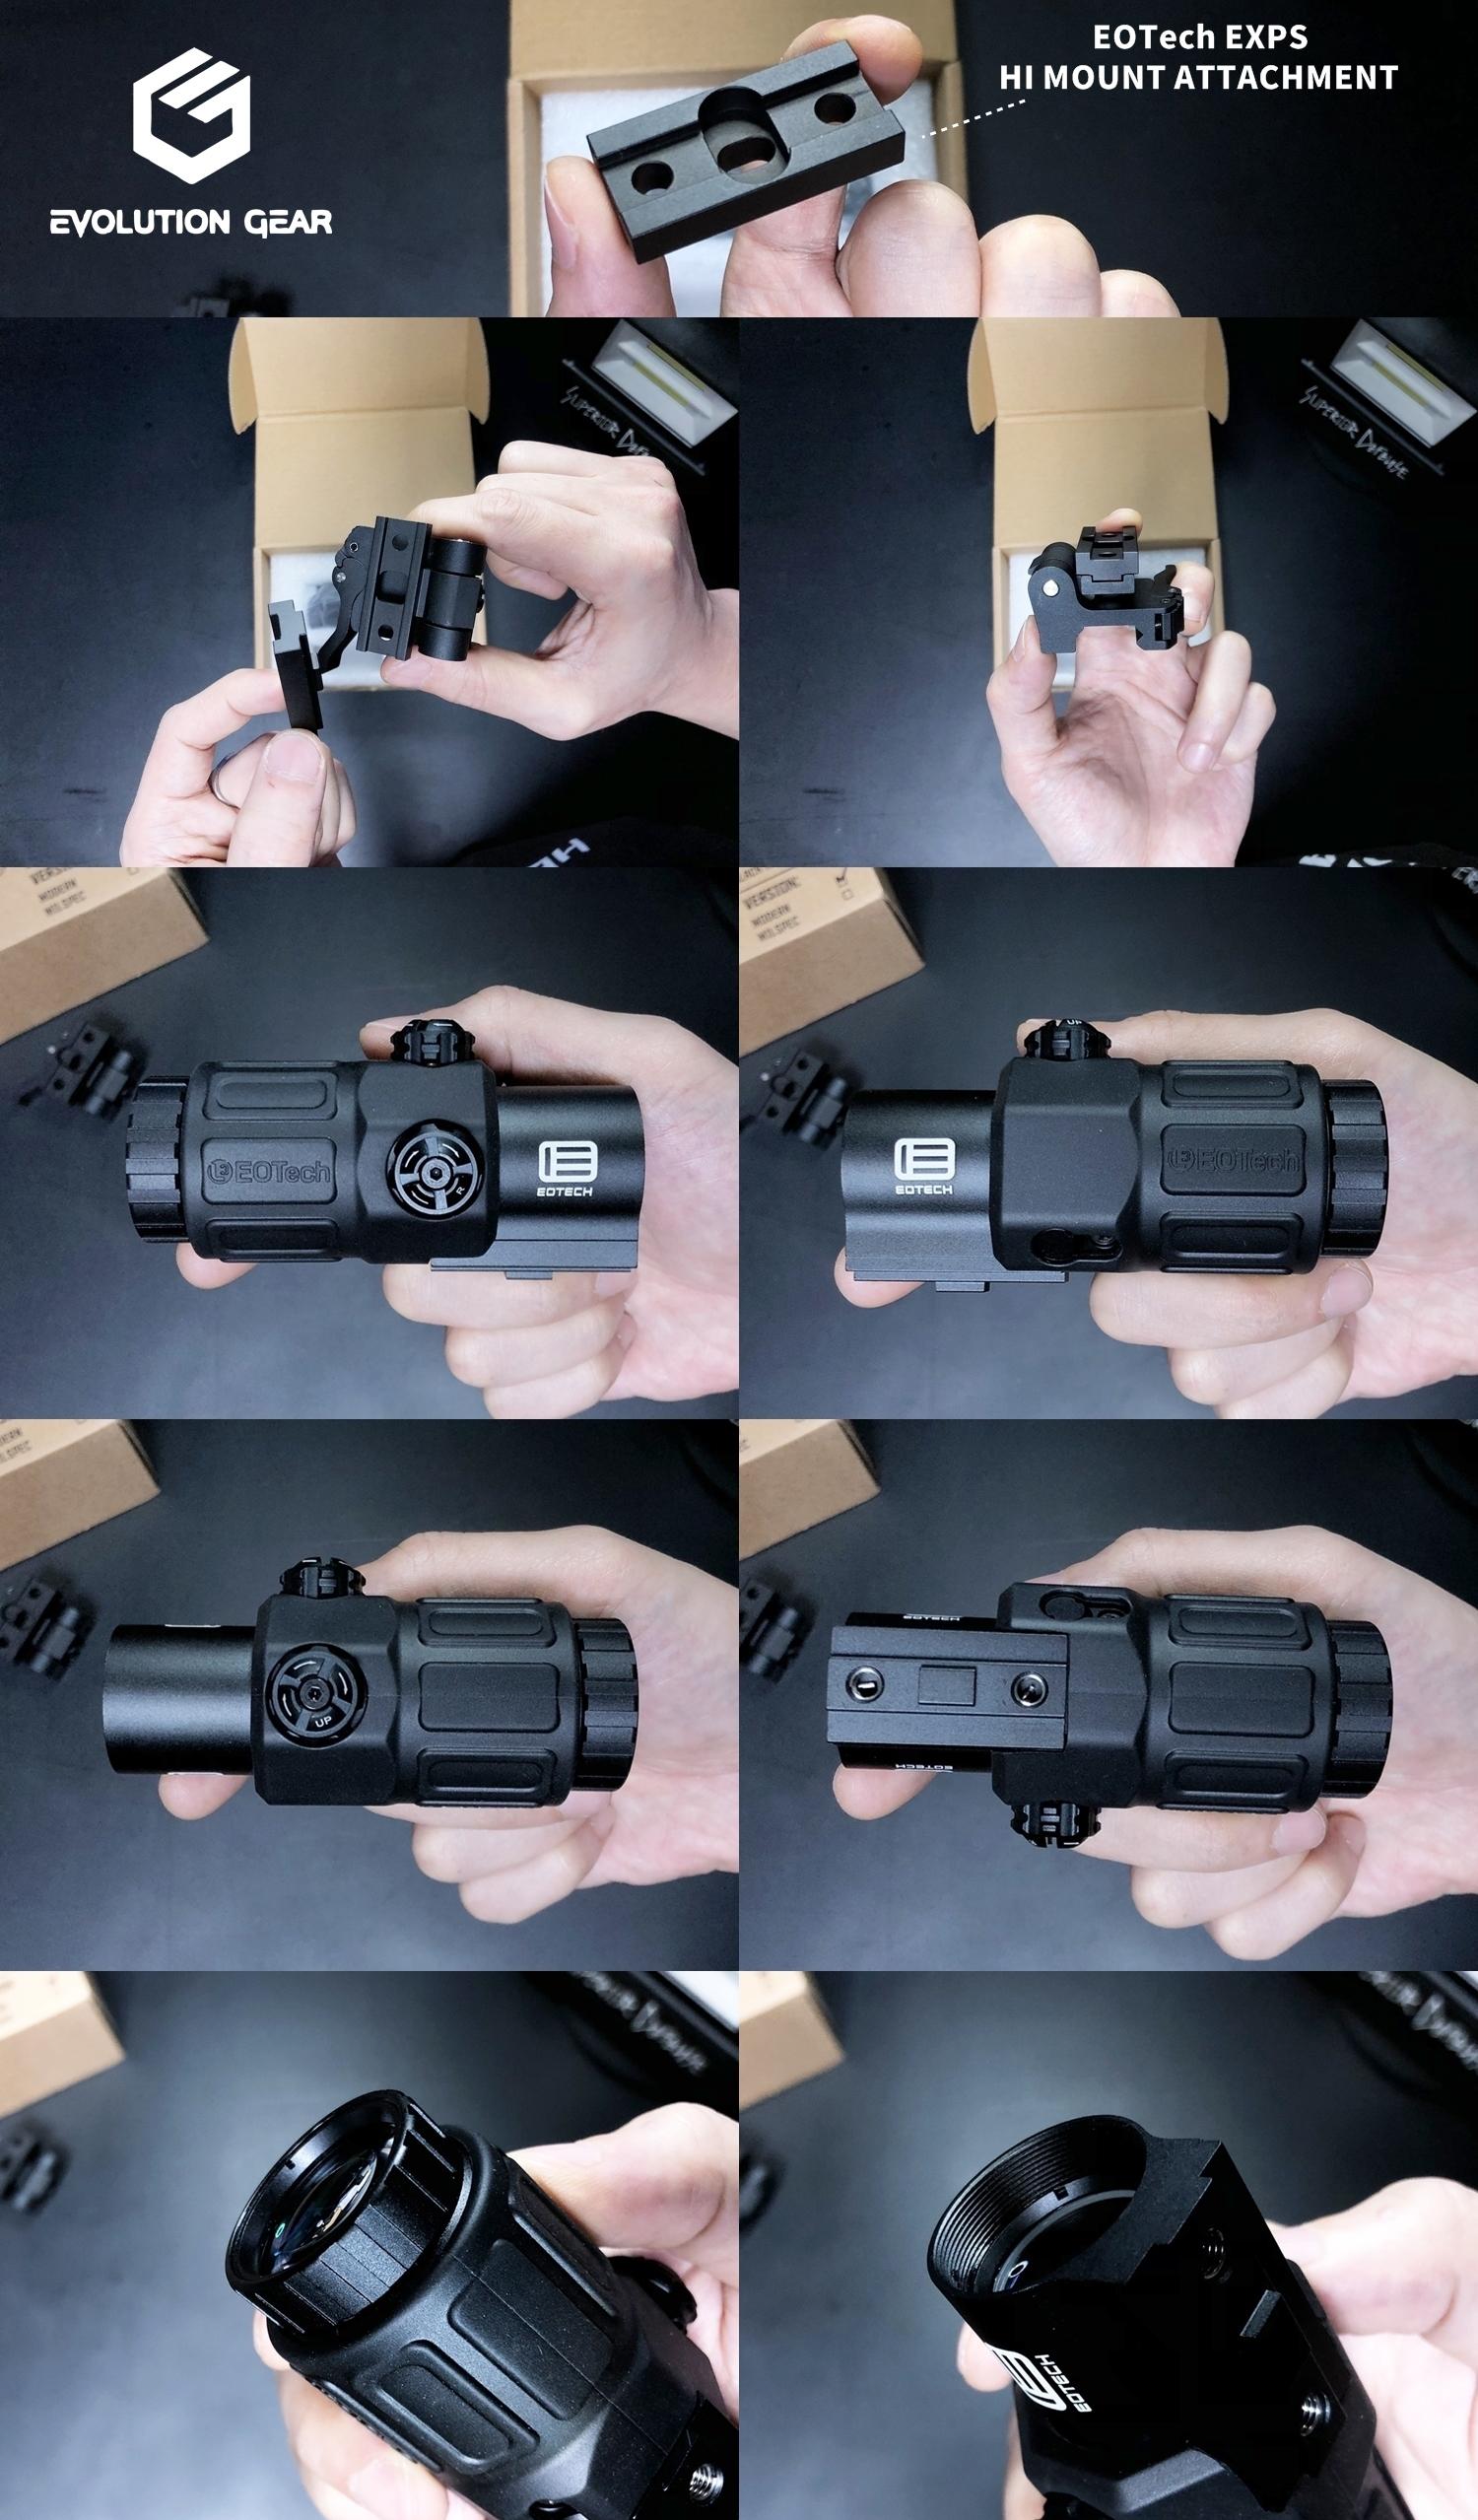 3 EVOLUTION GEAR EOTech G33 MAGNIFIER!! エボギア 3倍 ブースター マグニファイア買ってみた!! 高品質6枚レンズの実力は如何に! 開封 検証 取付 レビュー!! したるの巻!!